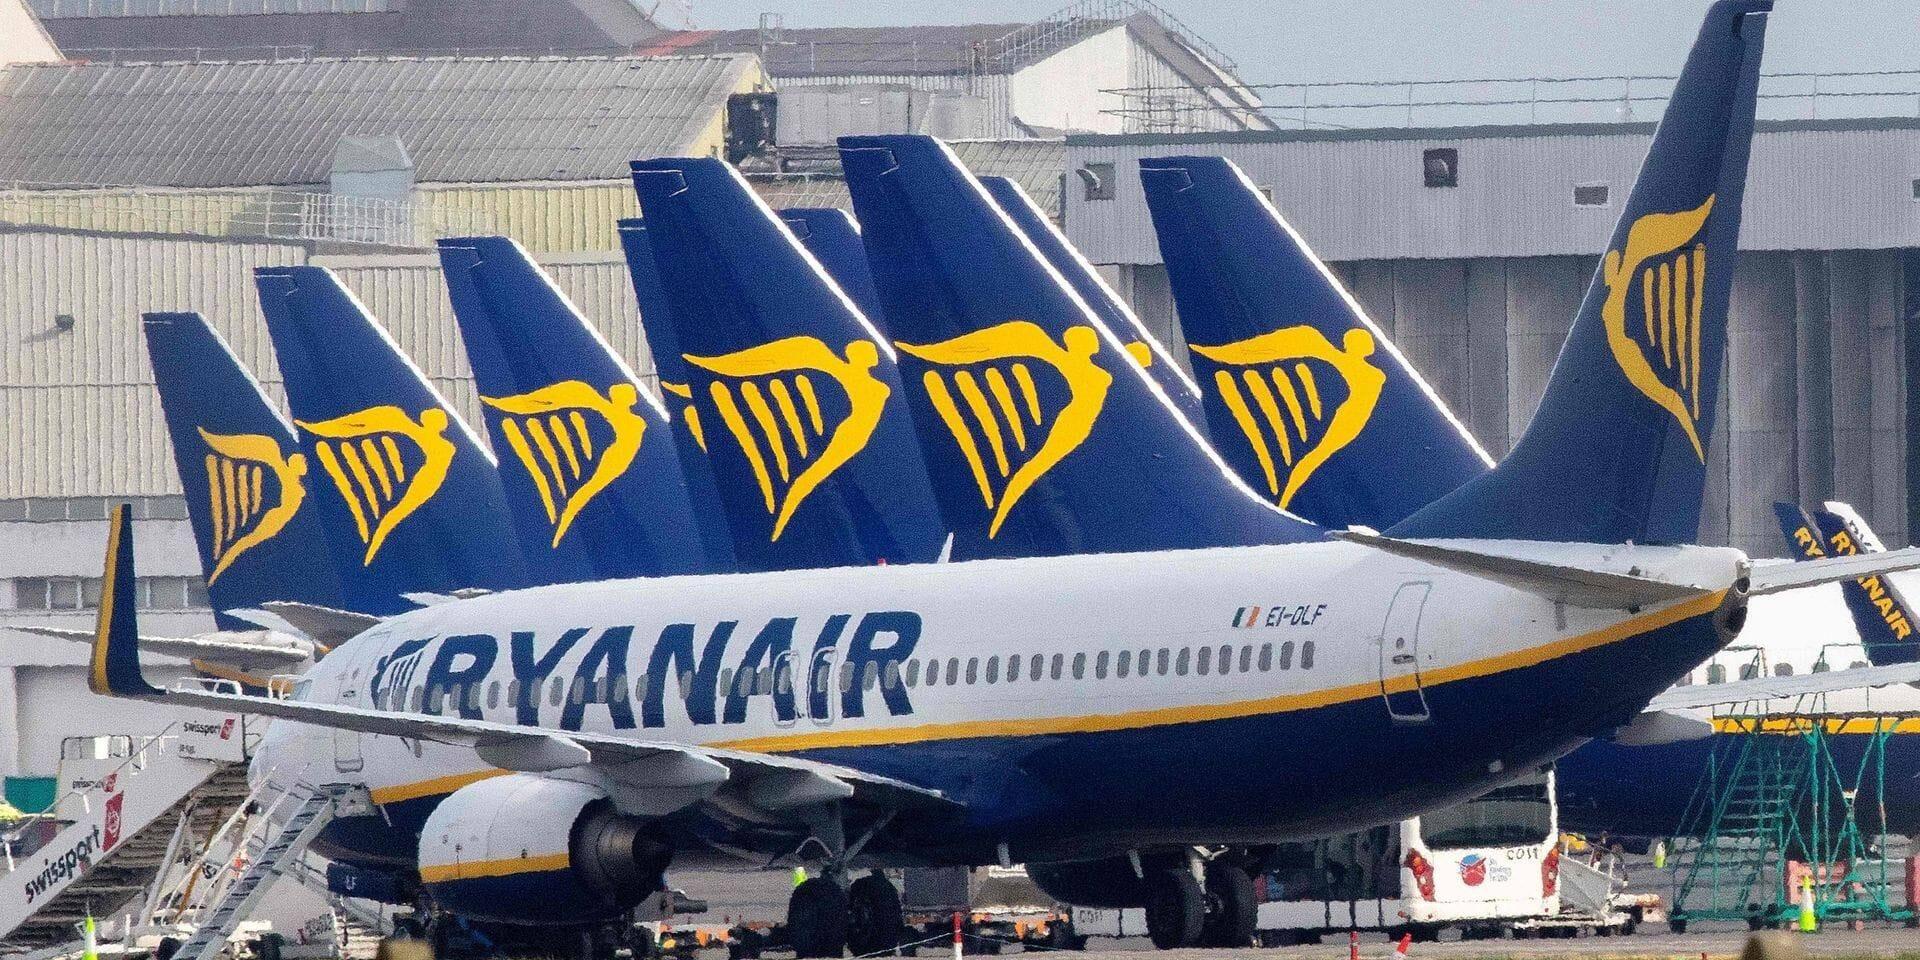 La compagnie Ryanair lance une nouvelle vague de licenciements